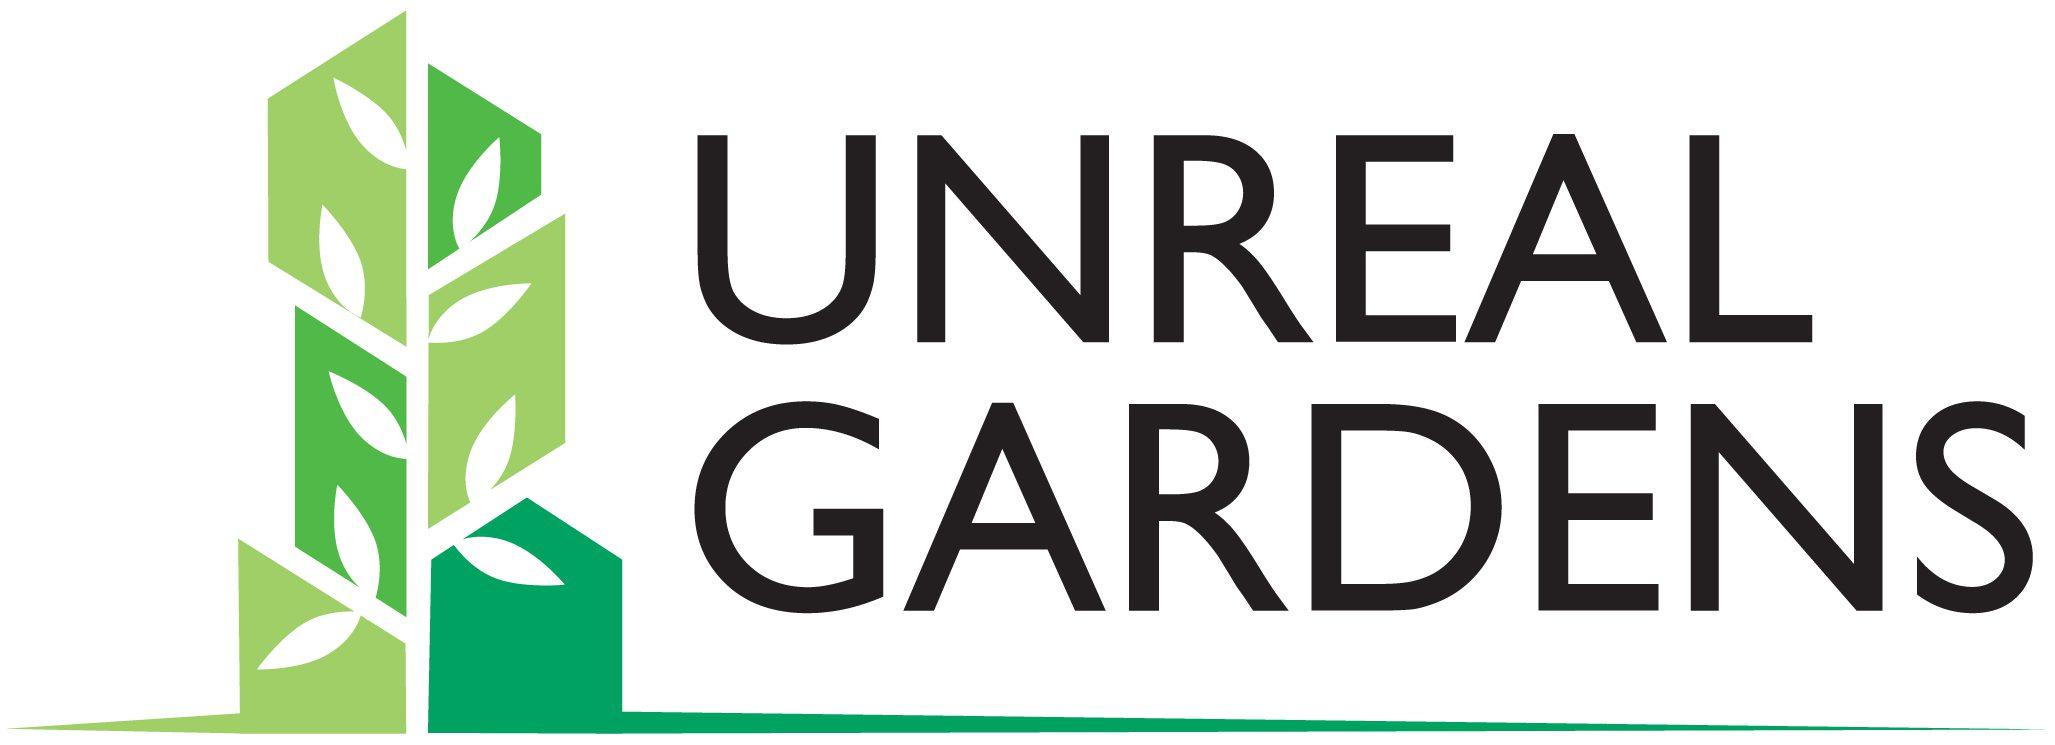 Unreal Gardens